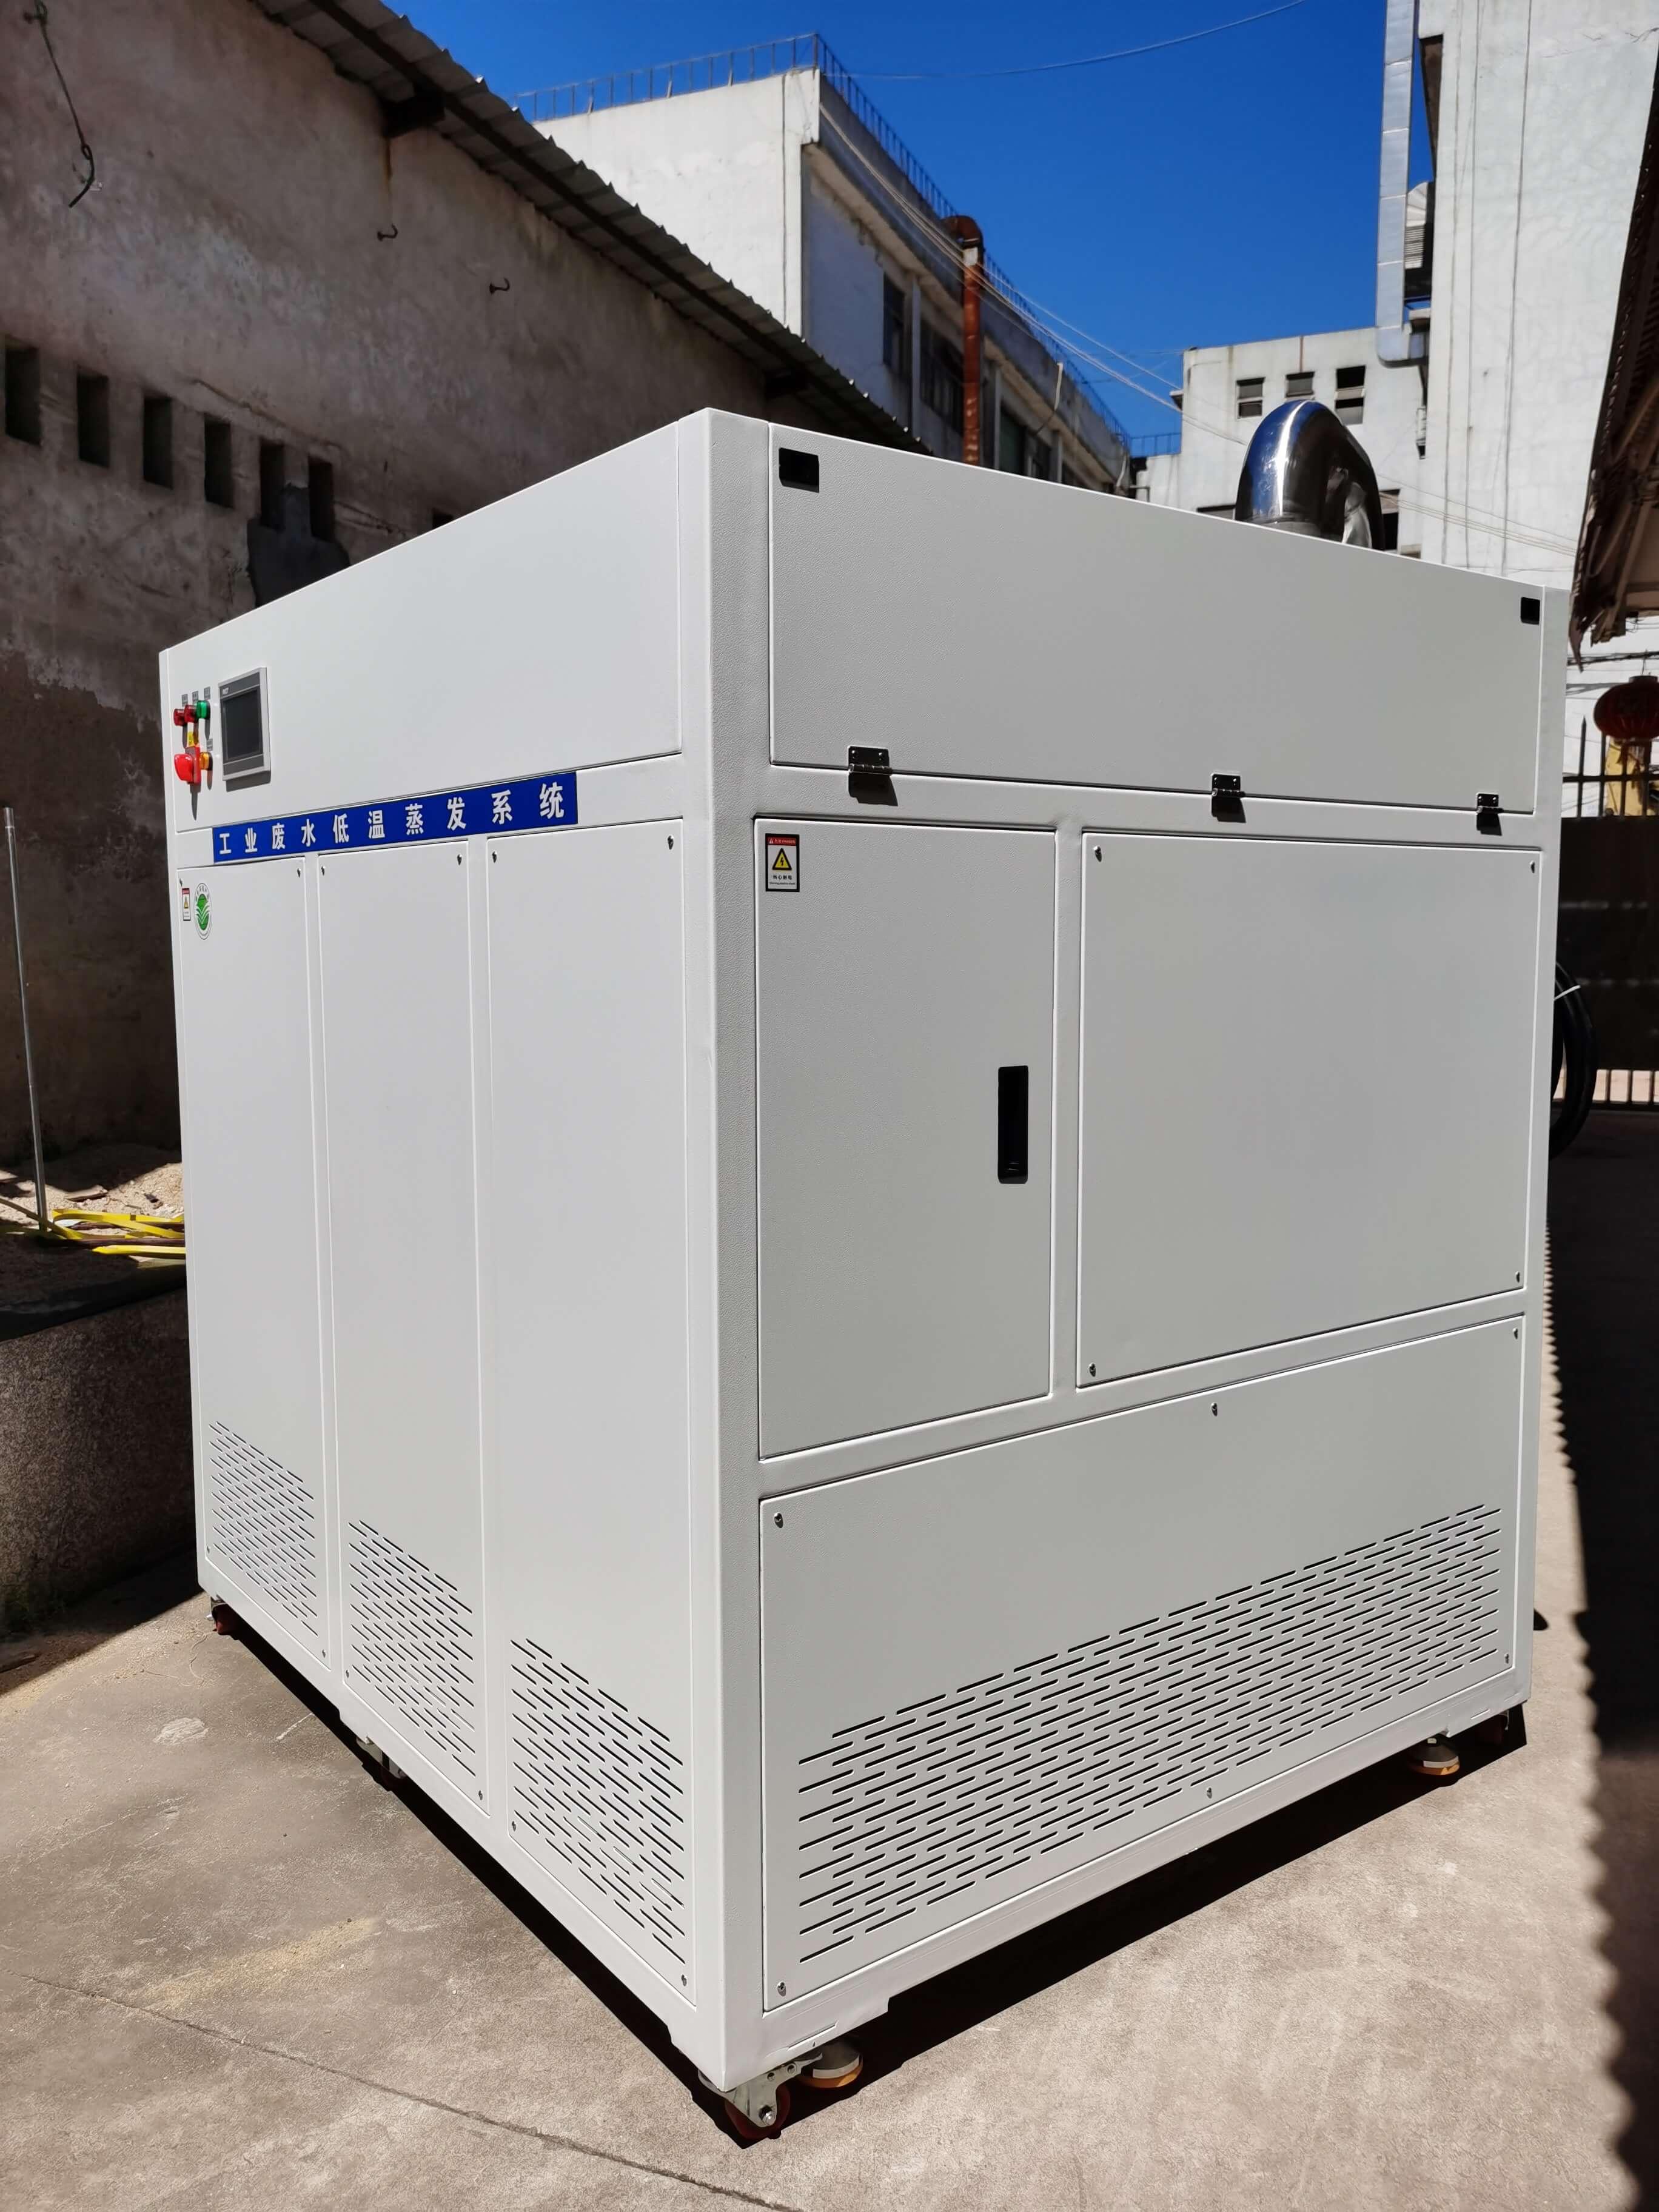 工业废水处理设备的操作维护和说明-羽杰科技